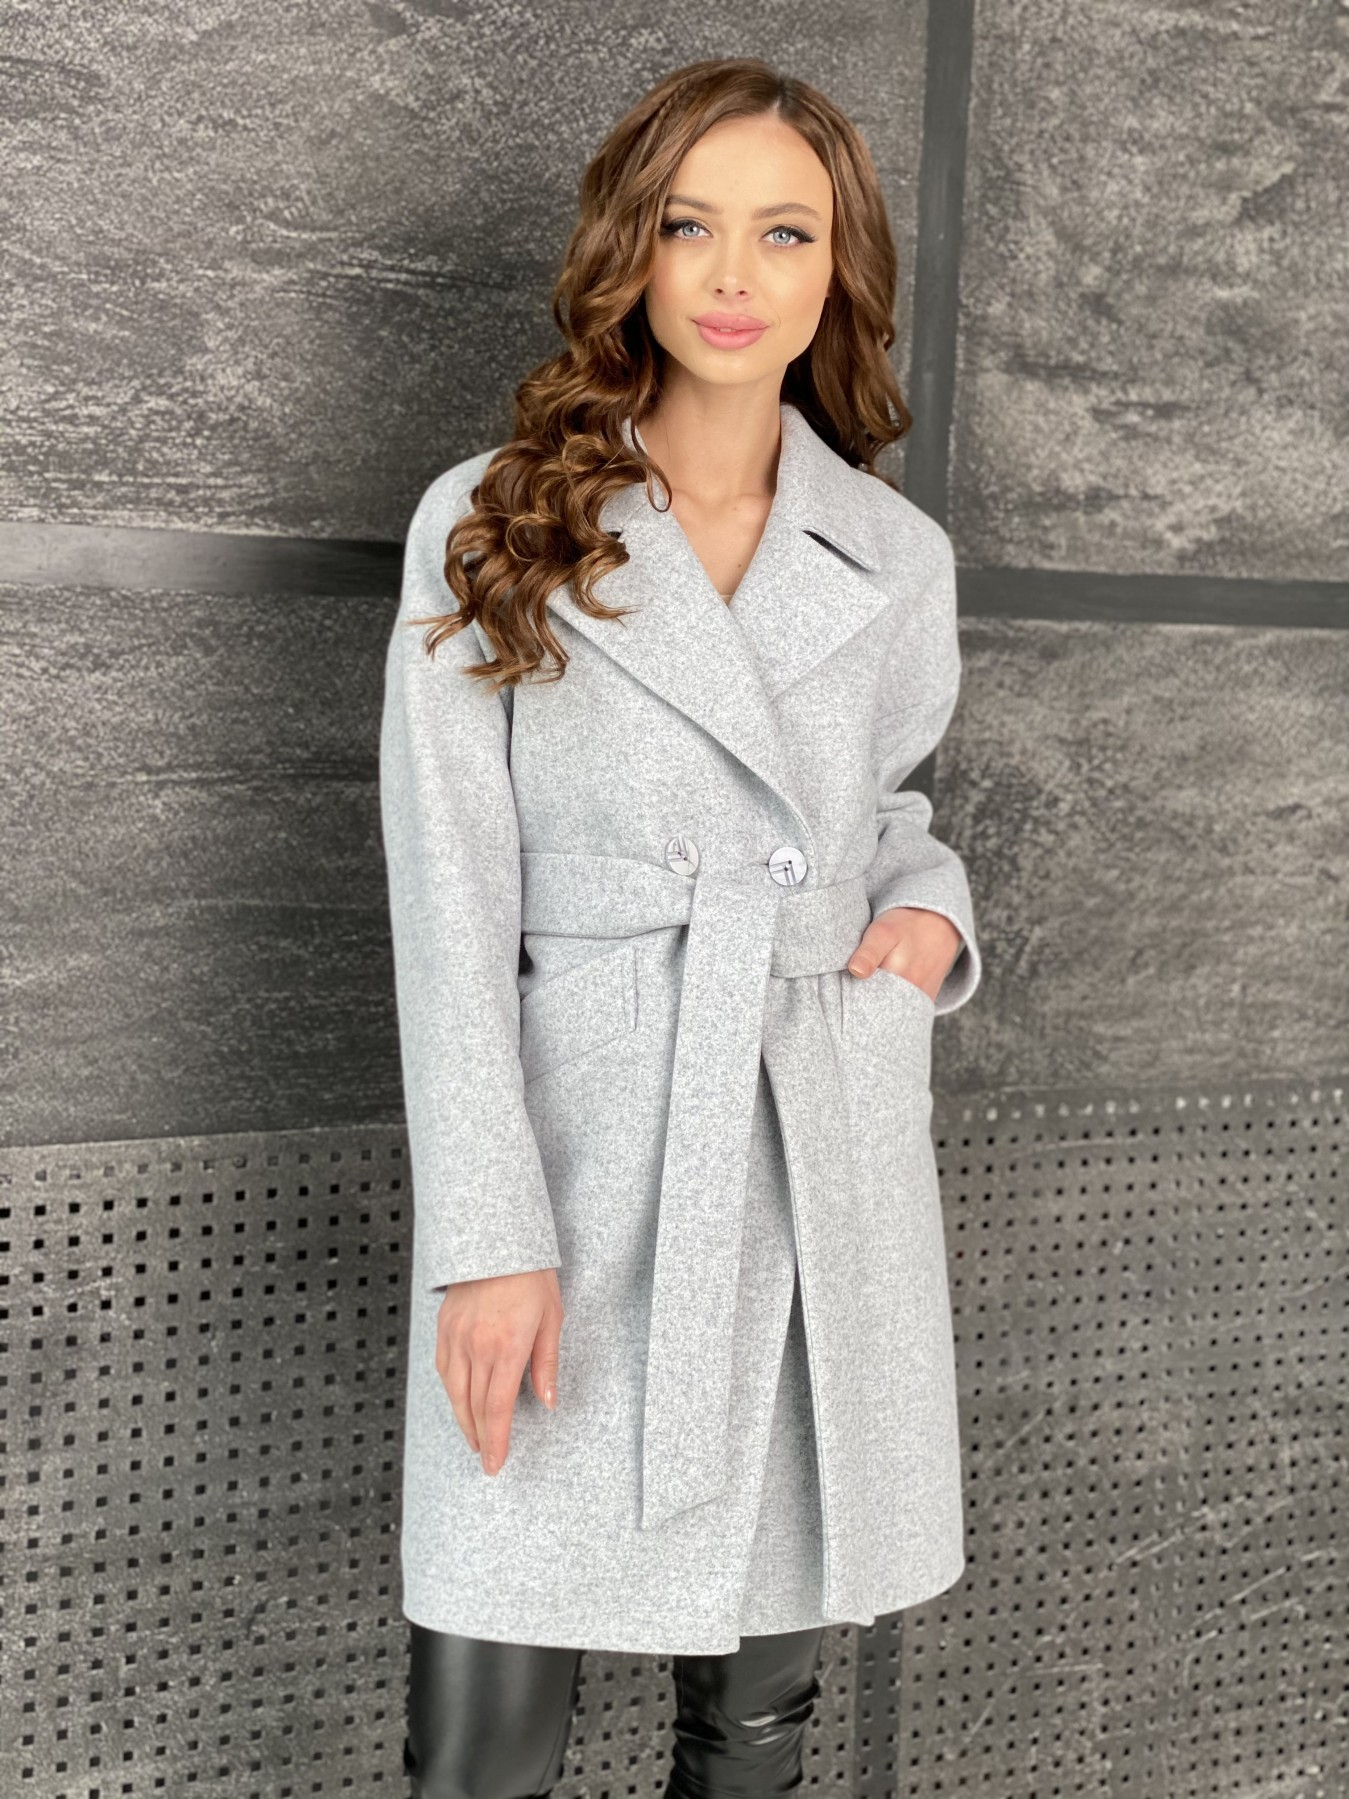 Купить пальто женское демисезонное от Modus Сенсей пальто из кашемира меланж  10745